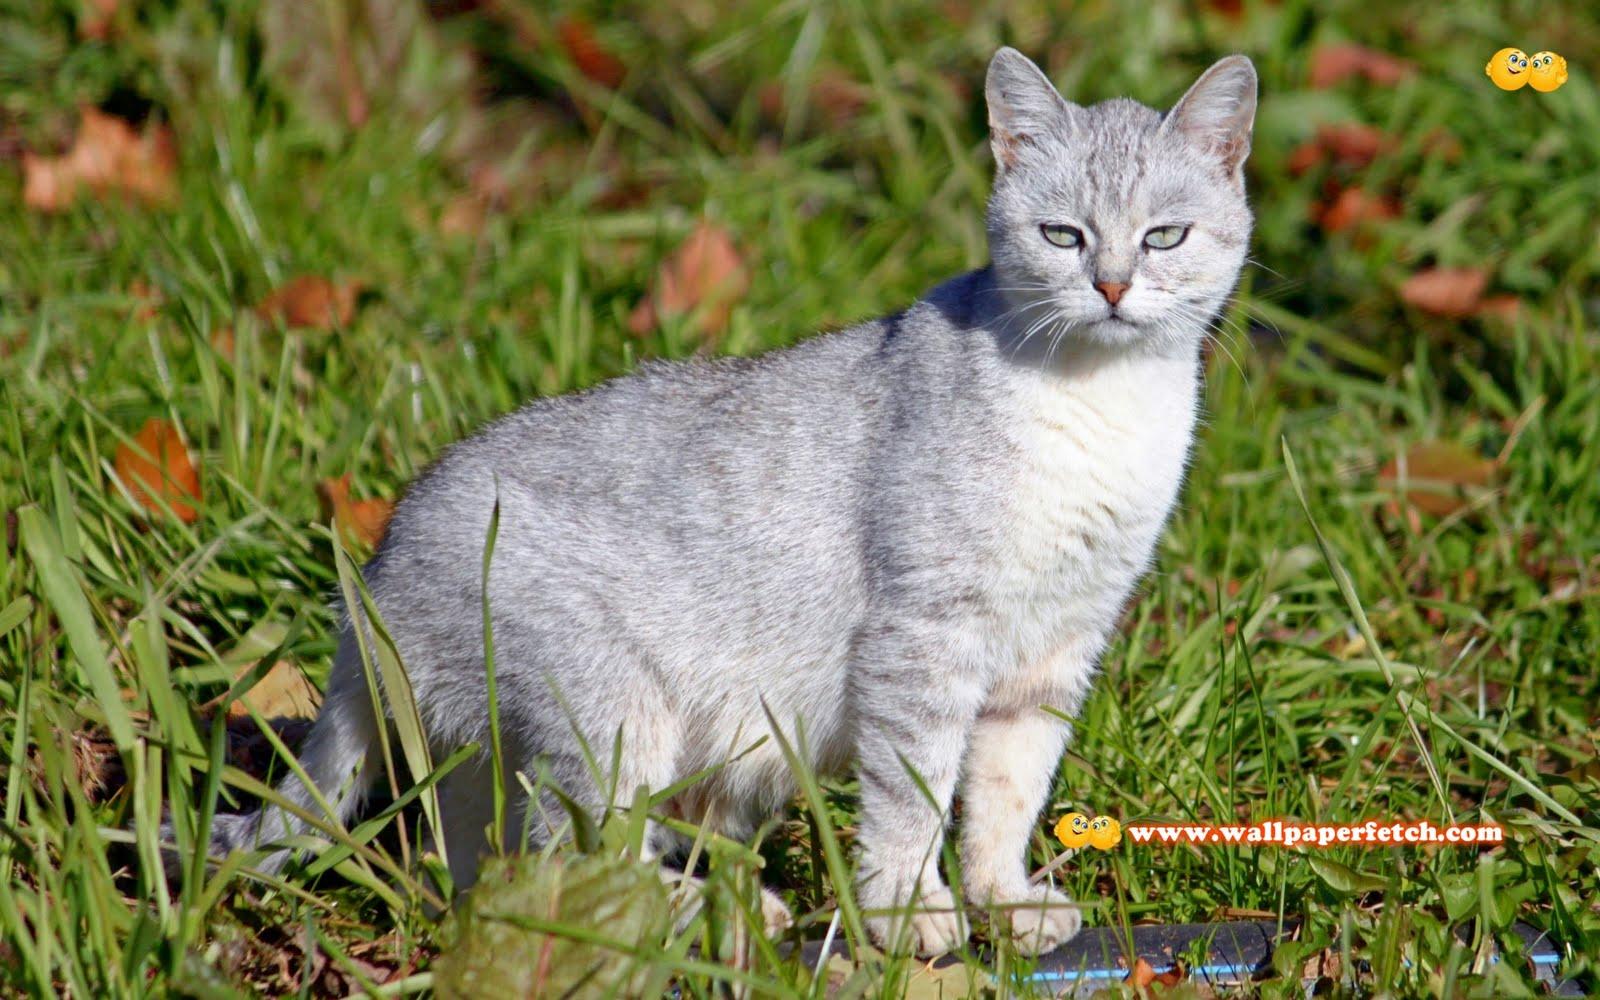 http://2.bp.blogspot.com/-joF7fKjLnCE/TyFWNzb7CQI/AAAAAAAAE2E/ZllMGsd-vGc/s1600/SuperPack_Beautiful_Animals_HD_Wallpapers_Part_32.49.jpg